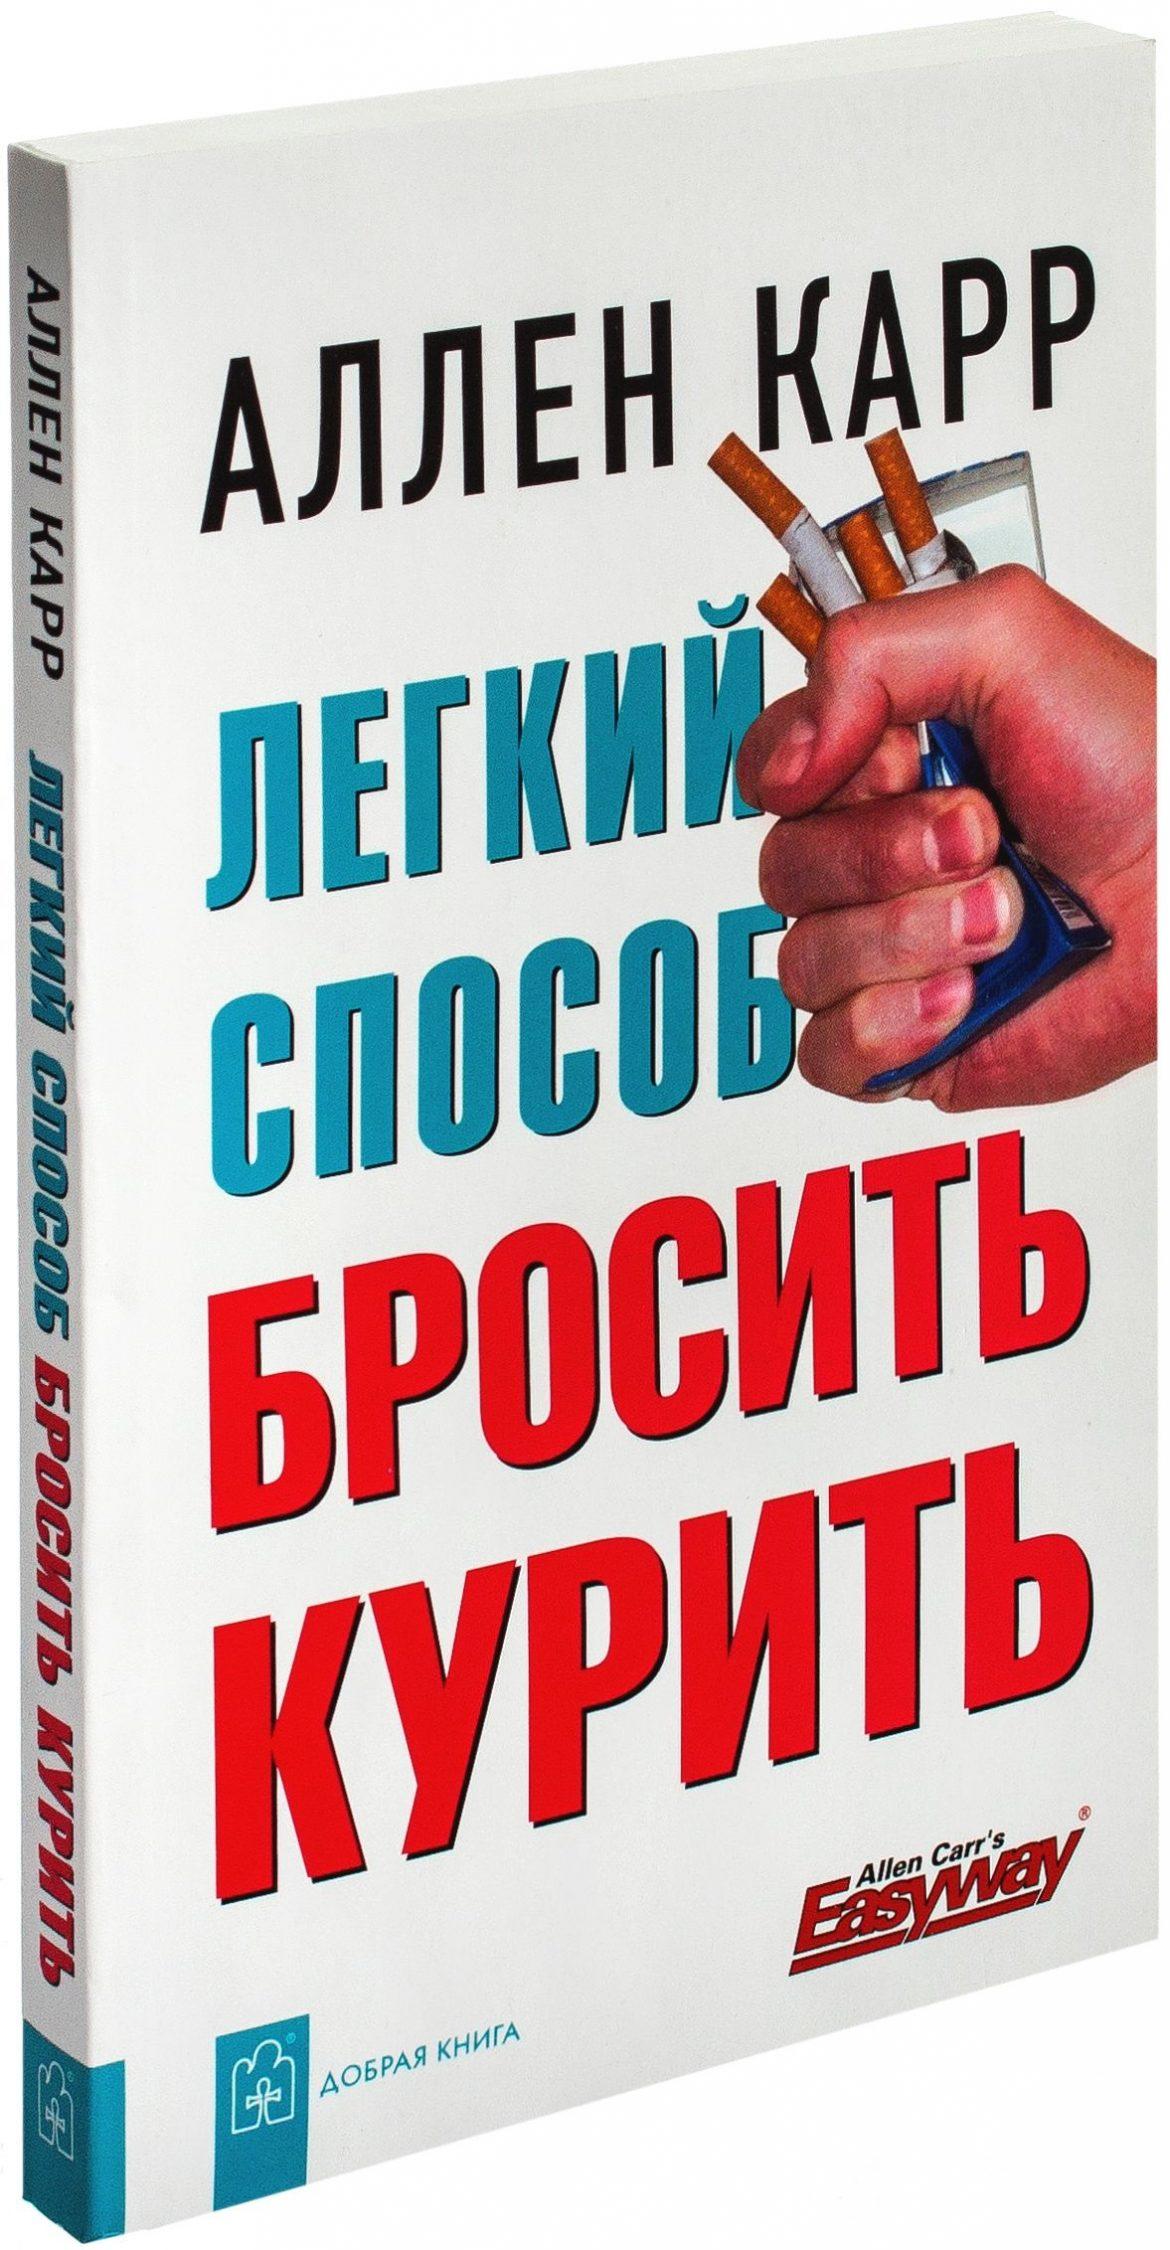 Легкий способ бросить курить — Аллен Карр